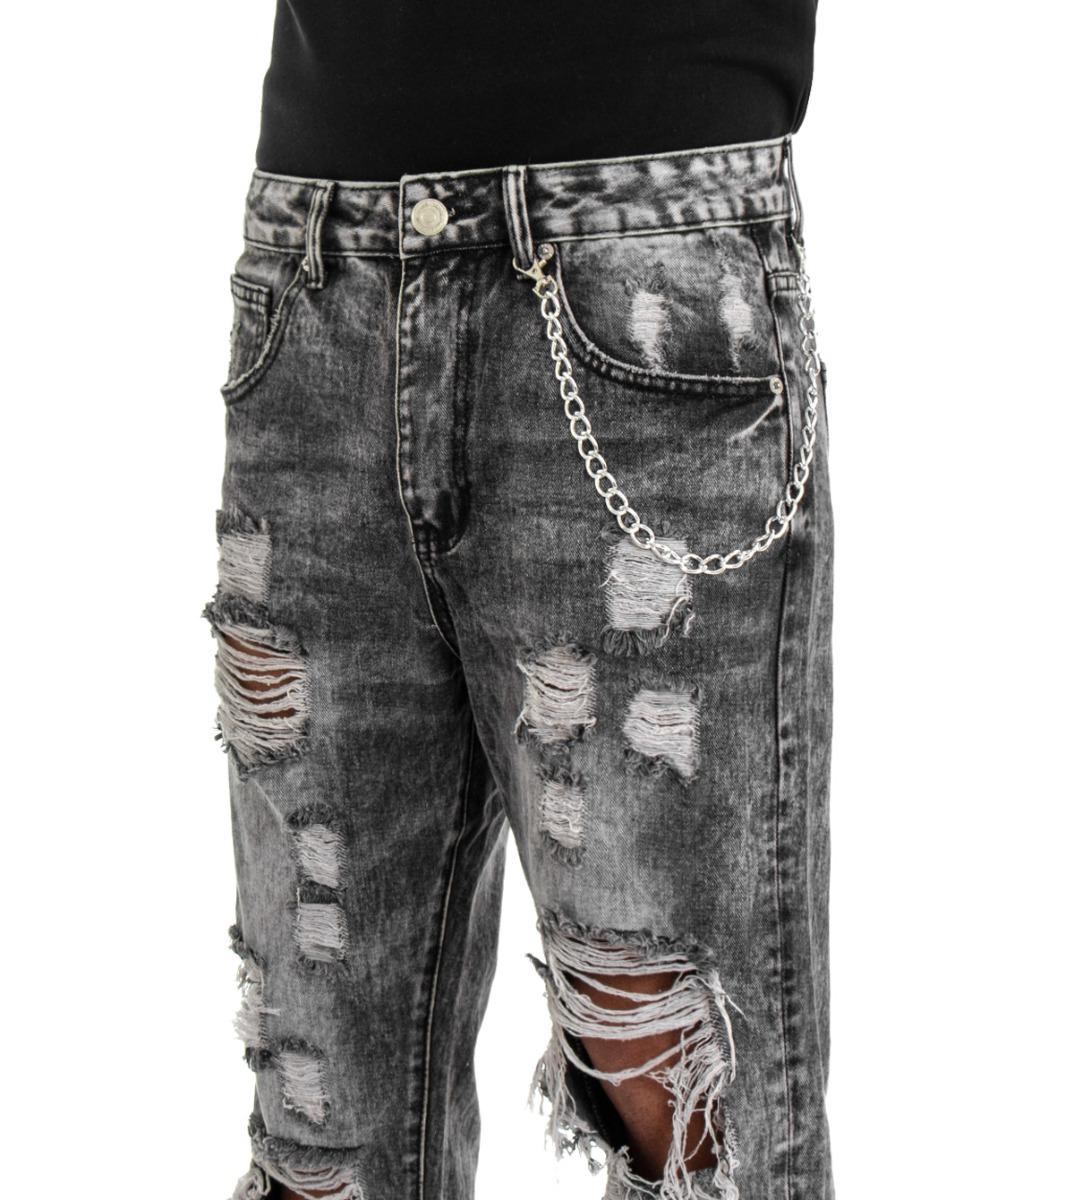 Pantalone-Uomo-Jeans-Grigio-Cinque-Tasche-Rotture-Cavallo-Basso-Strappato-Reg miniatura 9